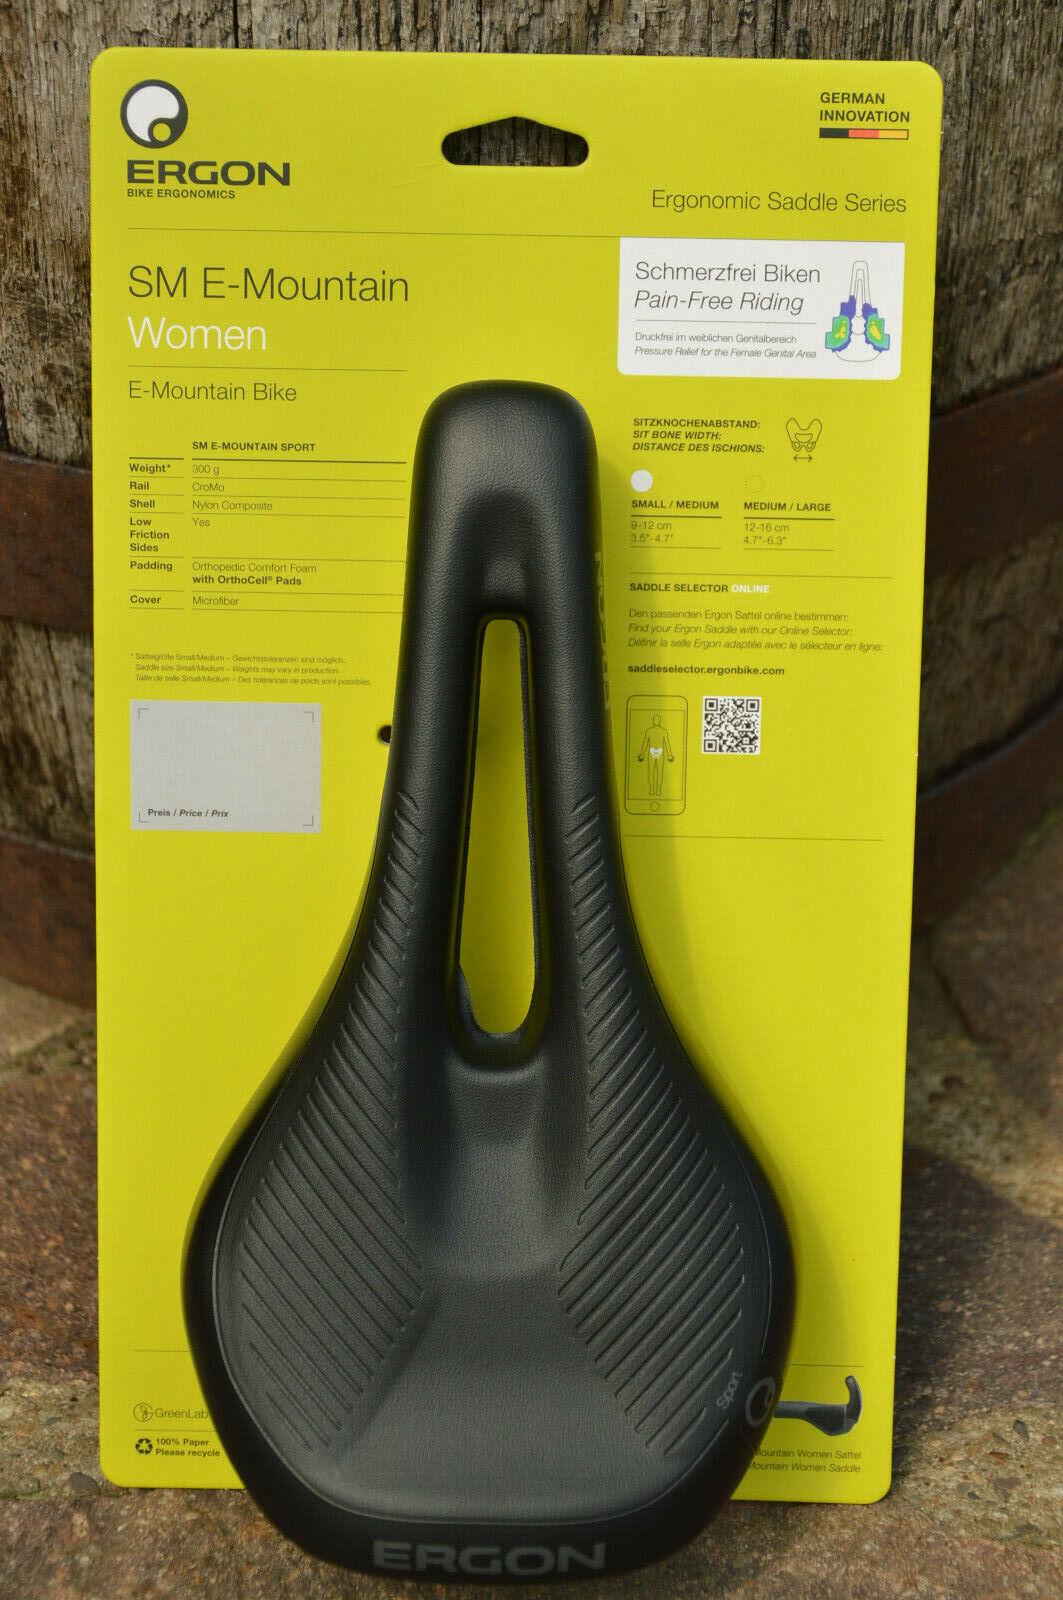 Ergon SM E-Mountain E-Bike señora confort sillín descargo canal negro, nuevo